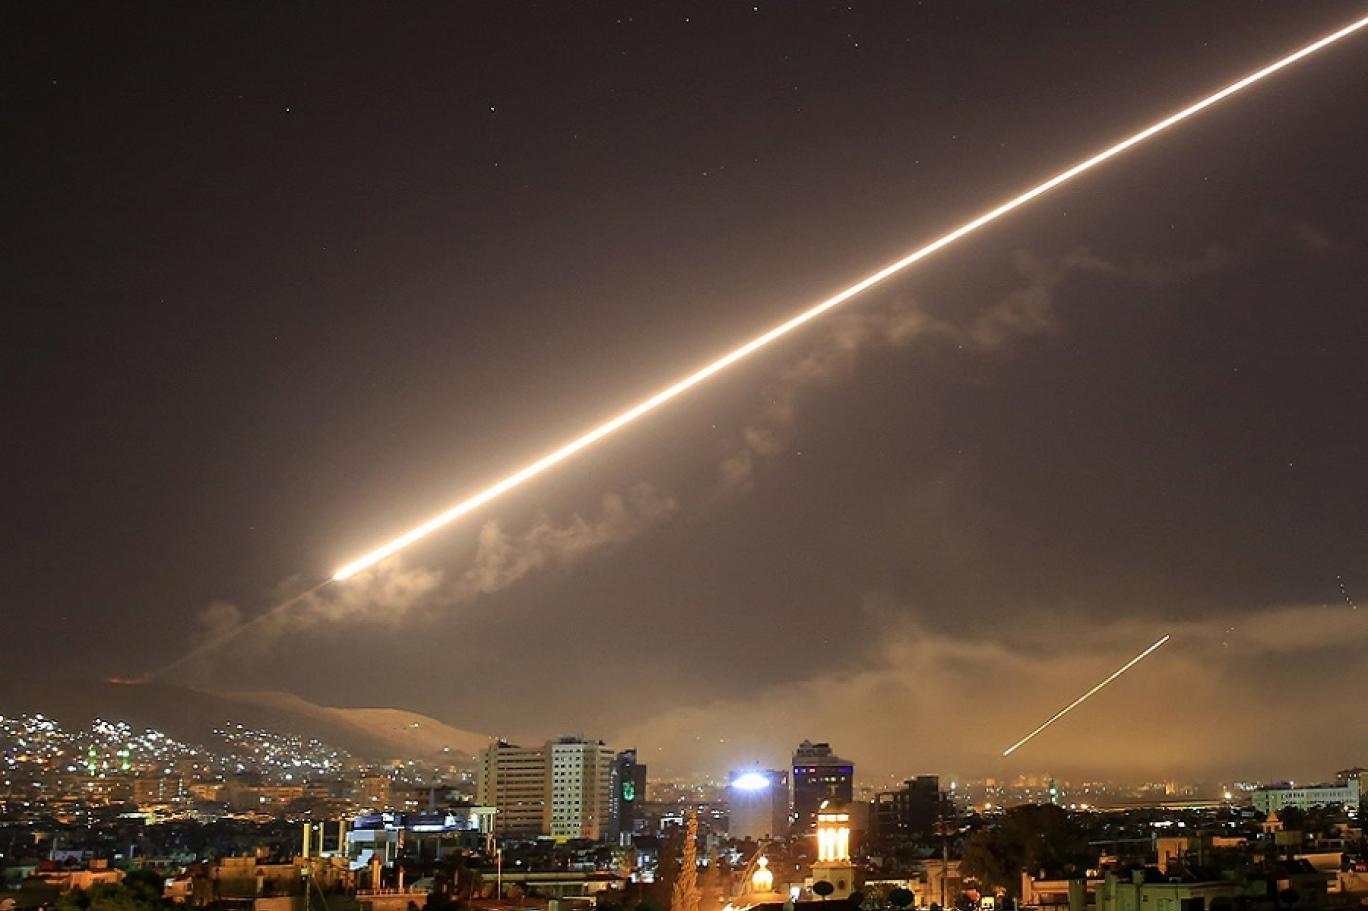 قصفٌ جوي إسرائيلي على مواقعٍ للحكومة السورية والميليشيات الإيرانية جنوبي سوريا